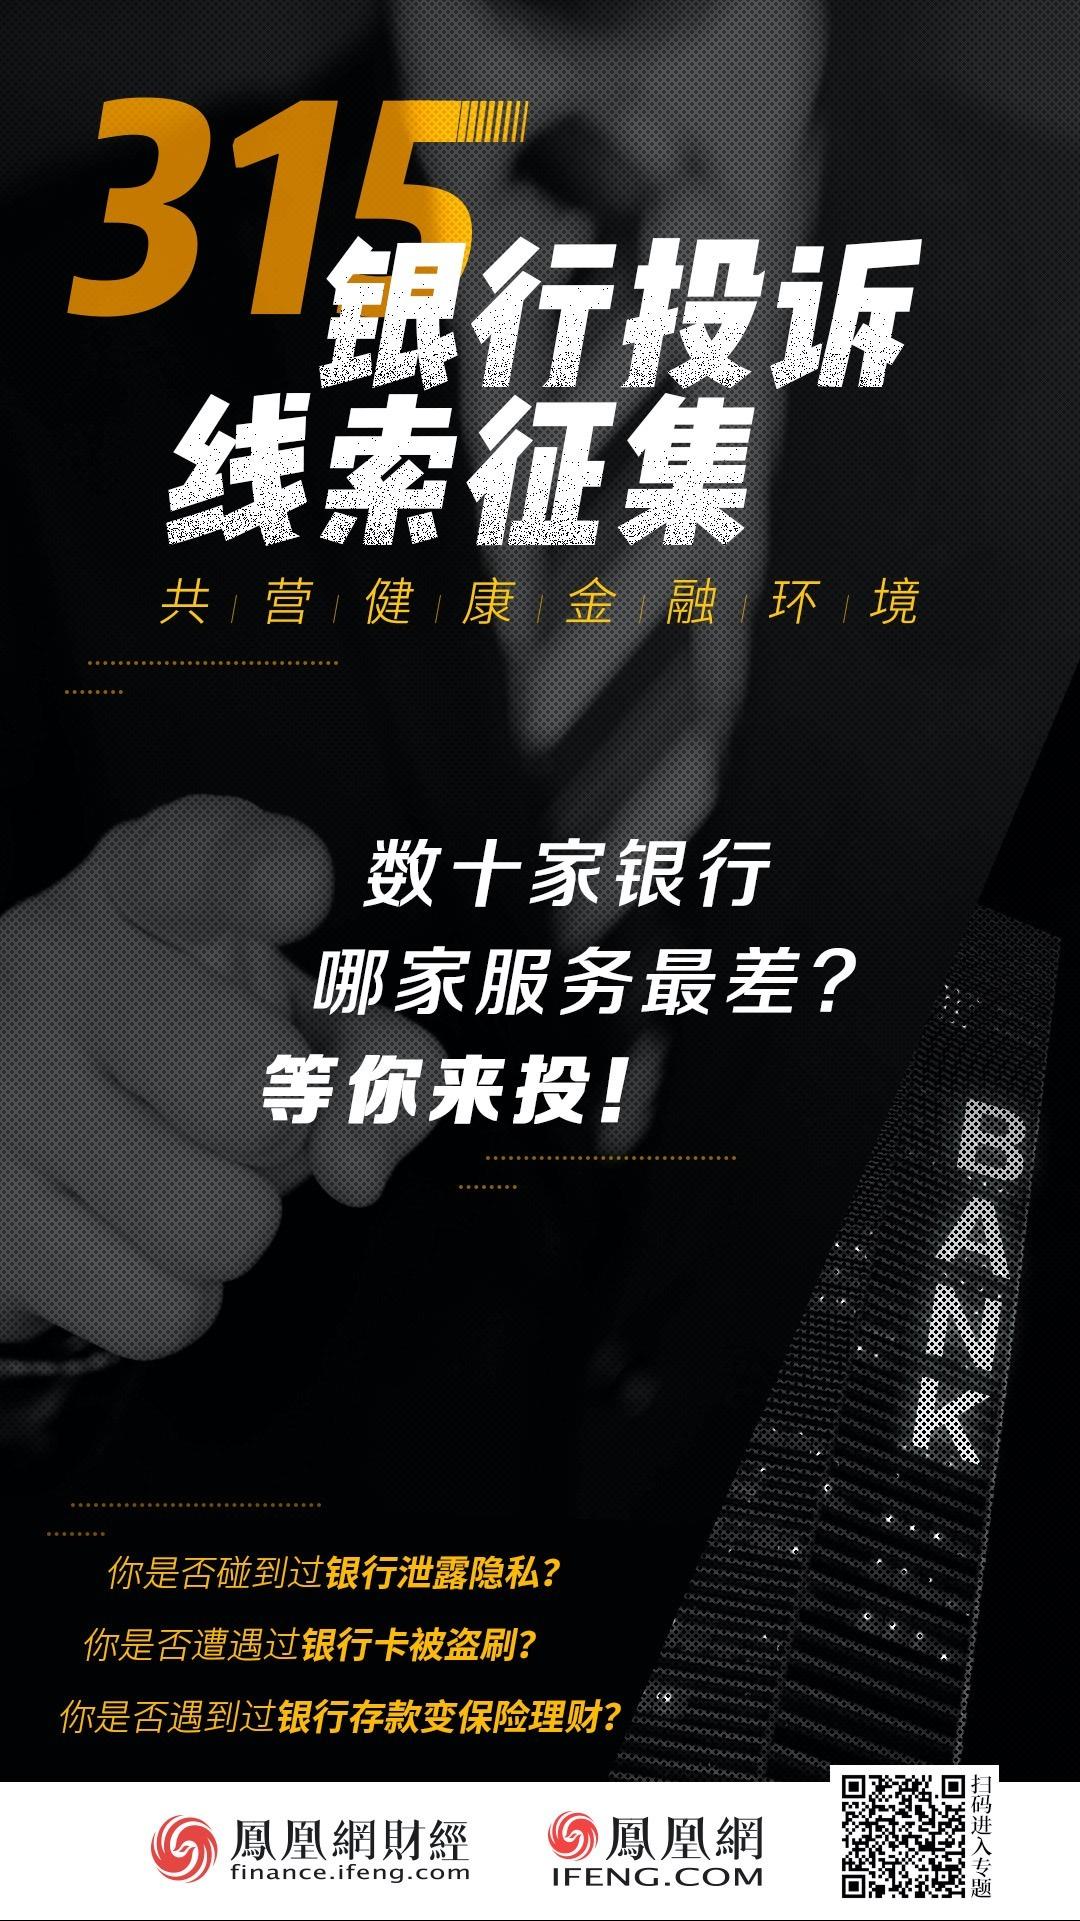 """凤凰网财经·""""315""""银行投诉线索征集!"""